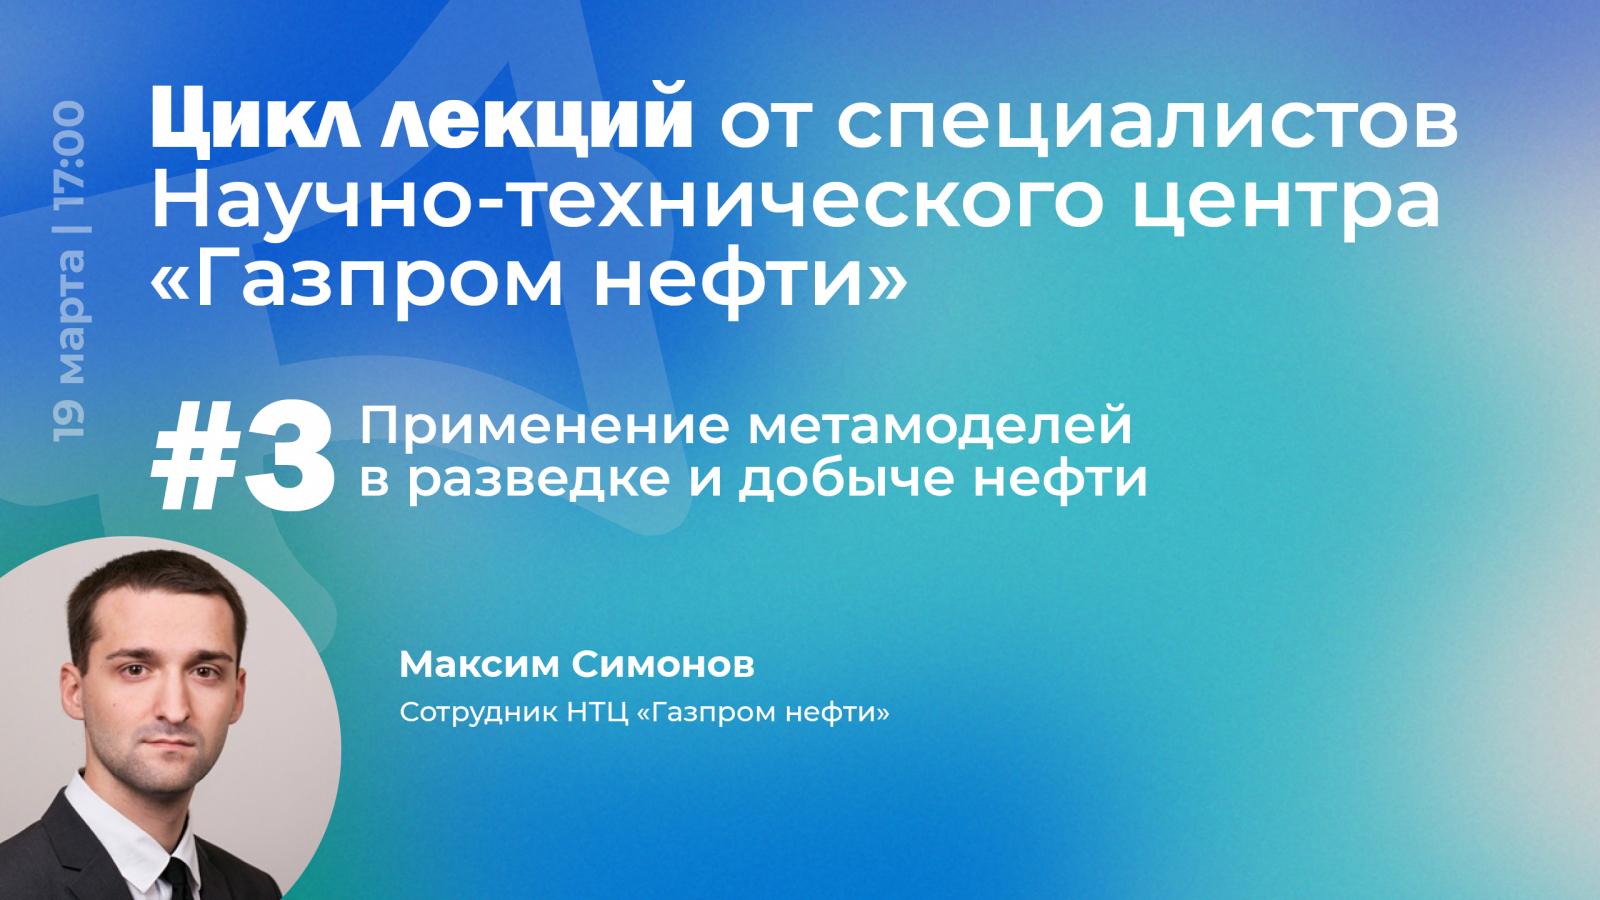 Специалист НТЦ «Газпром нефти» – о применении метамоделей в разведке и добыче нефти